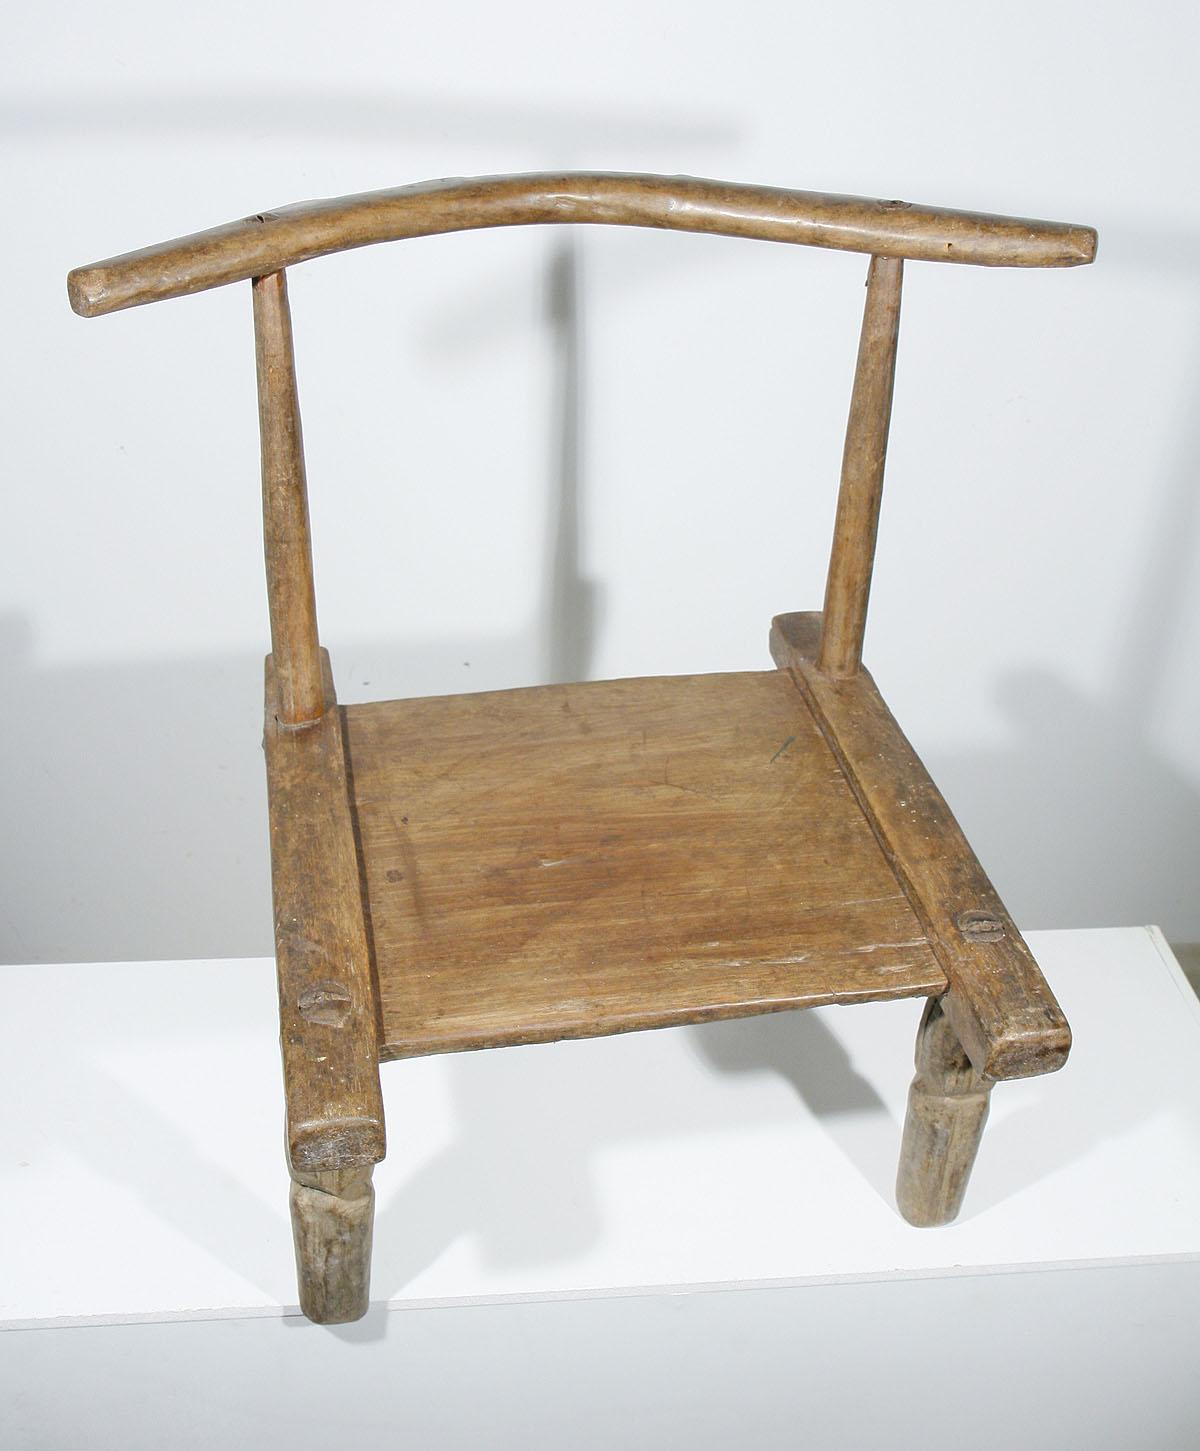 ancienne chaise africaine baoul de c te d 39 ivoire 02 90 galerie art africain masques et. Black Bedroom Furniture Sets. Home Design Ideas